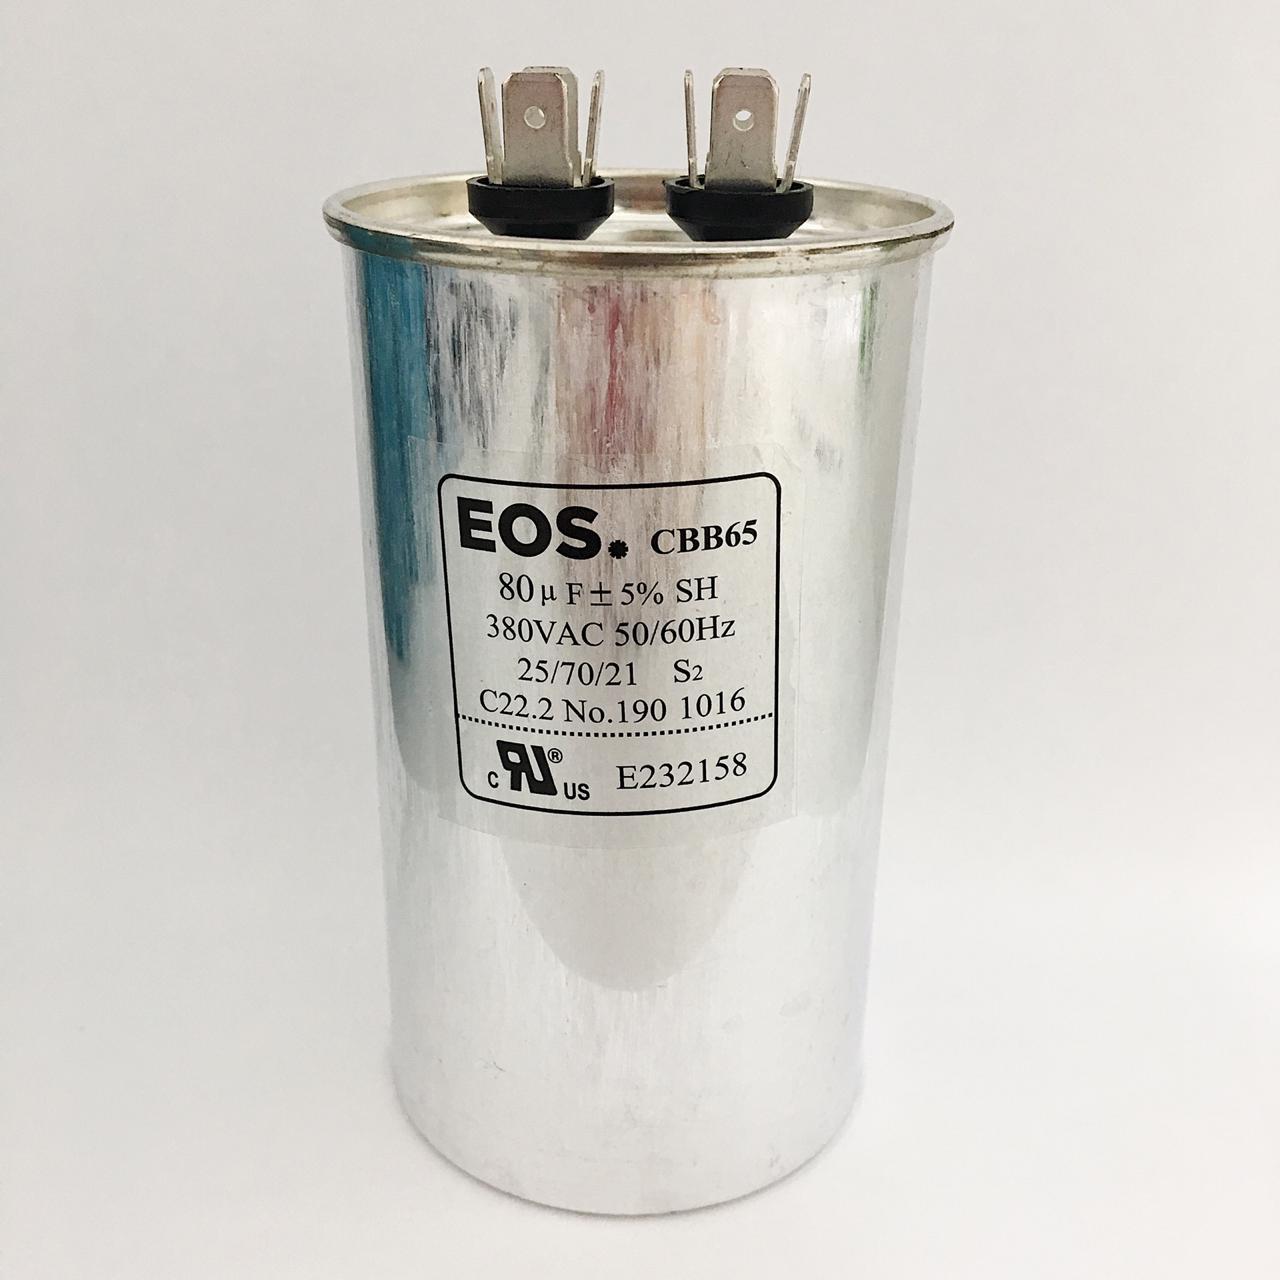 Capacitor 80 MFD 380V 50/60HZ